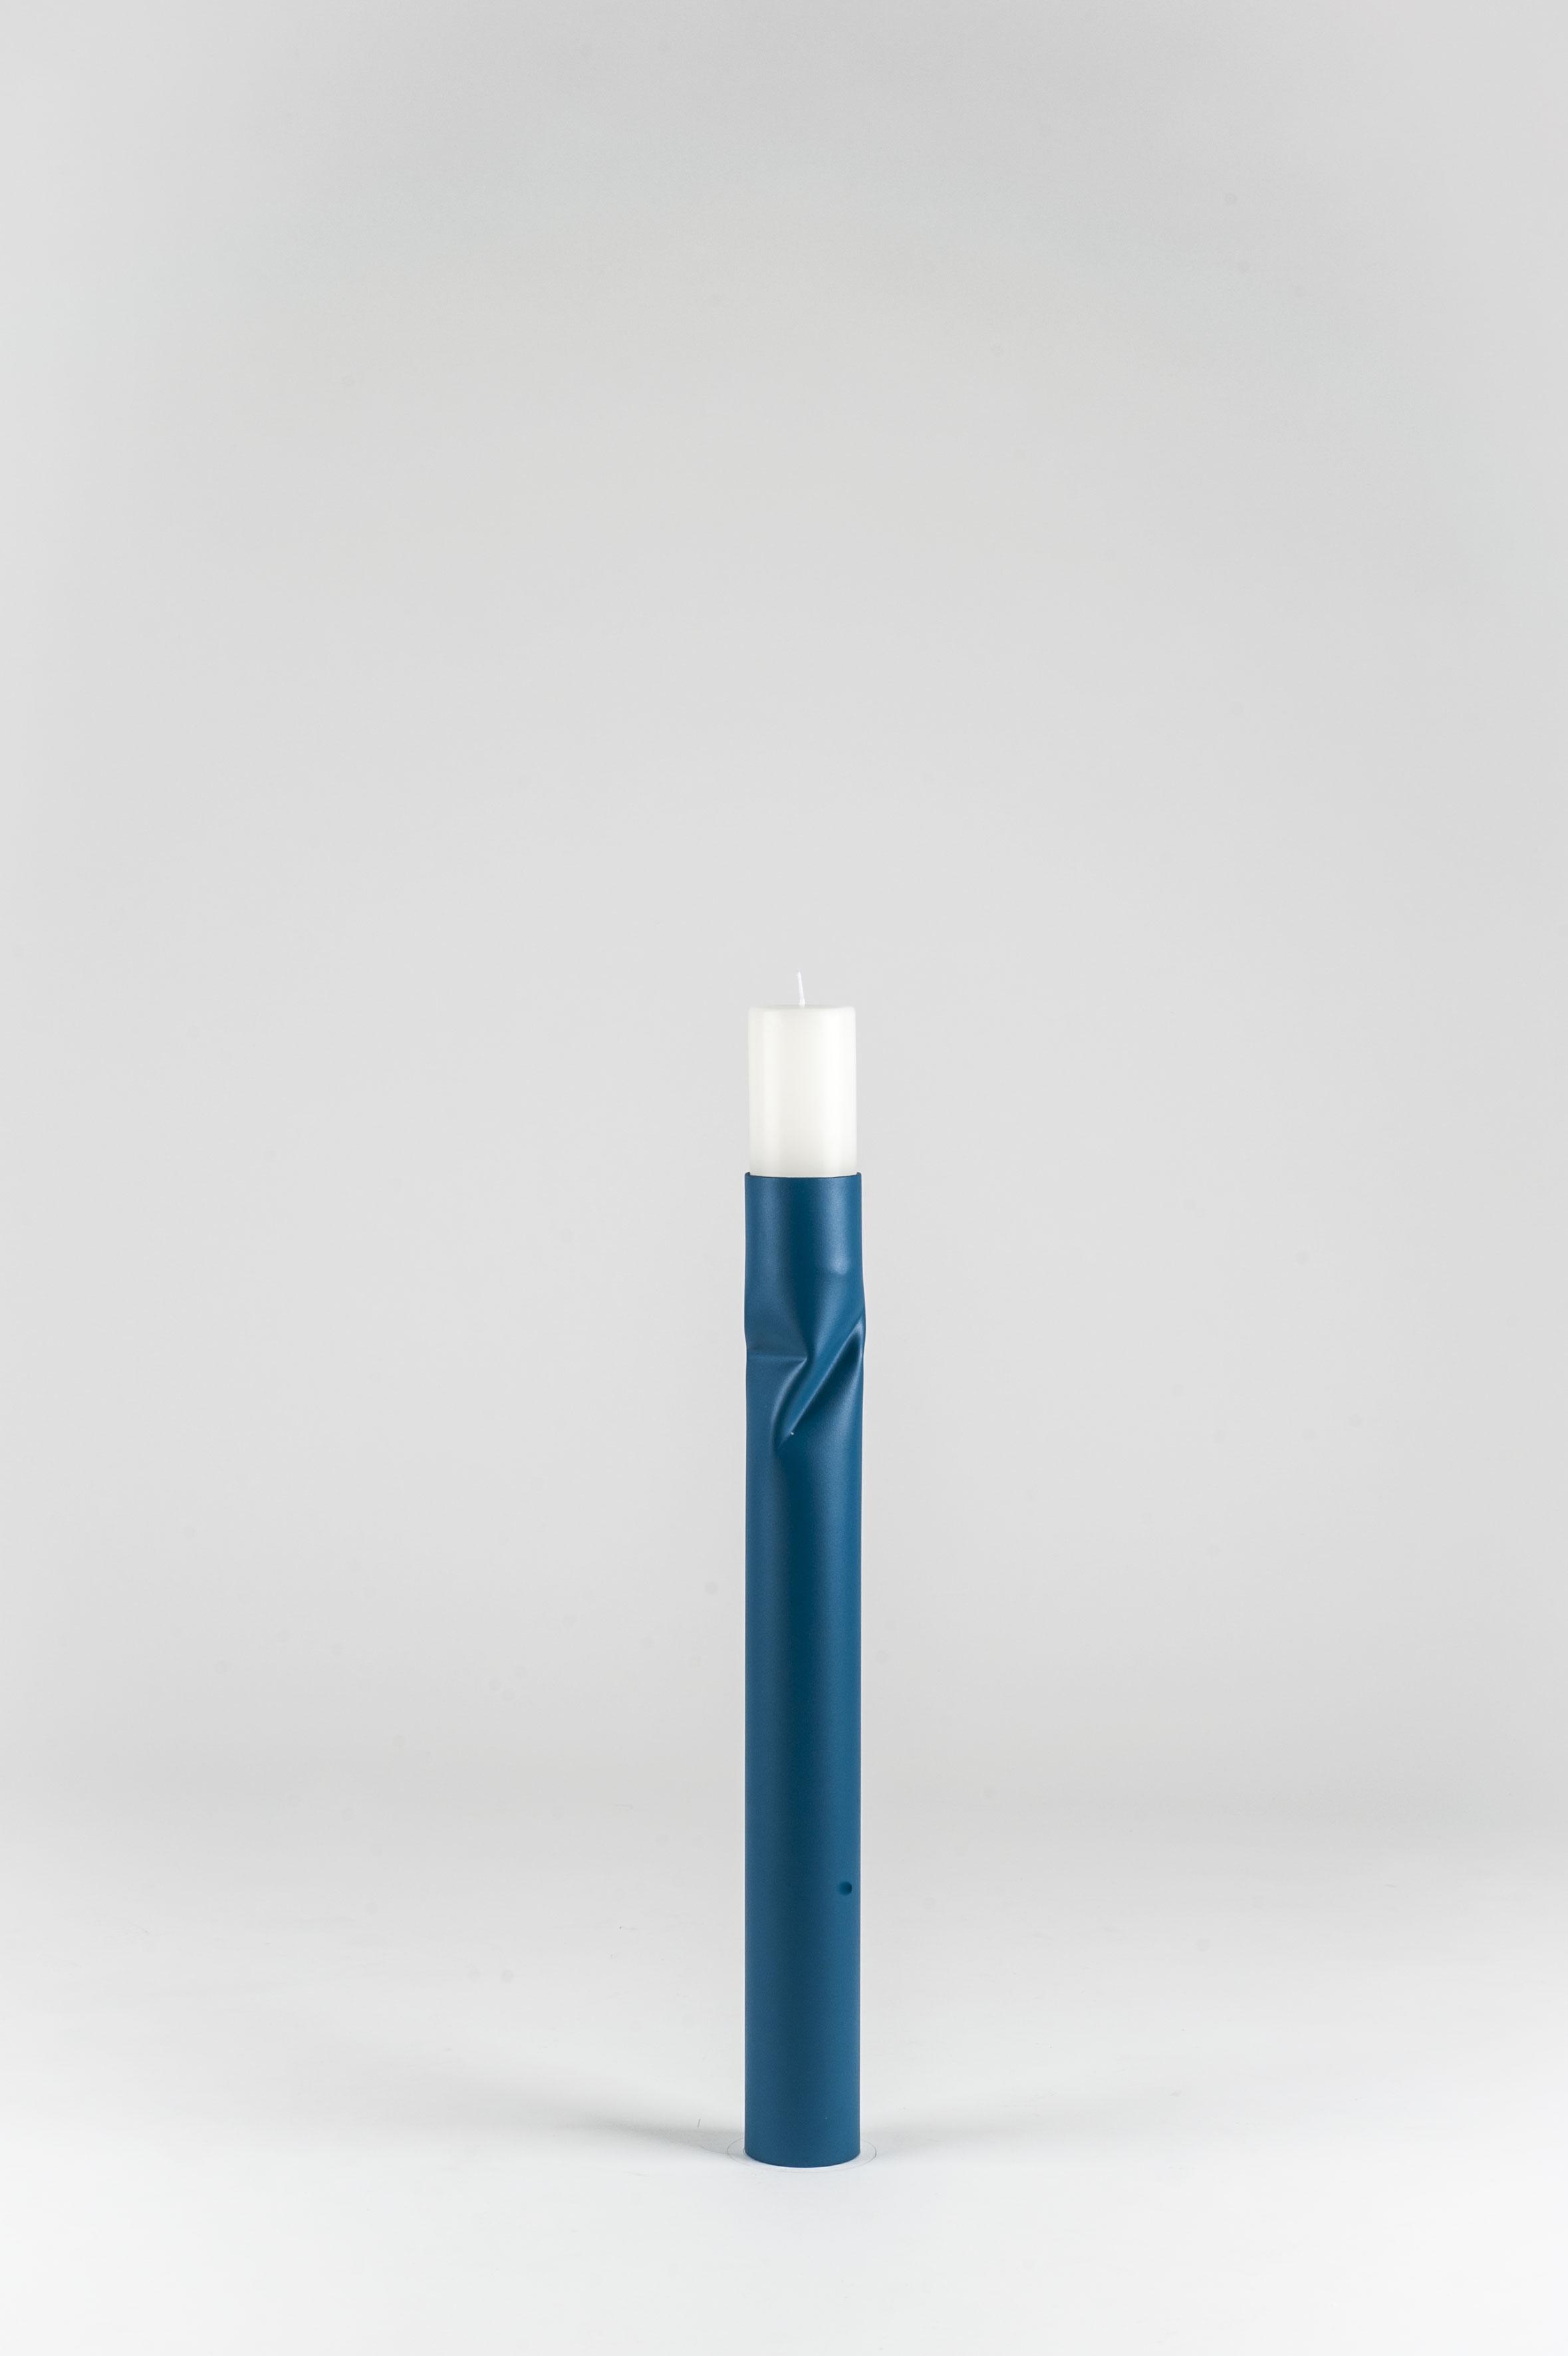 PICCOLO, RAL 5009-BLUE